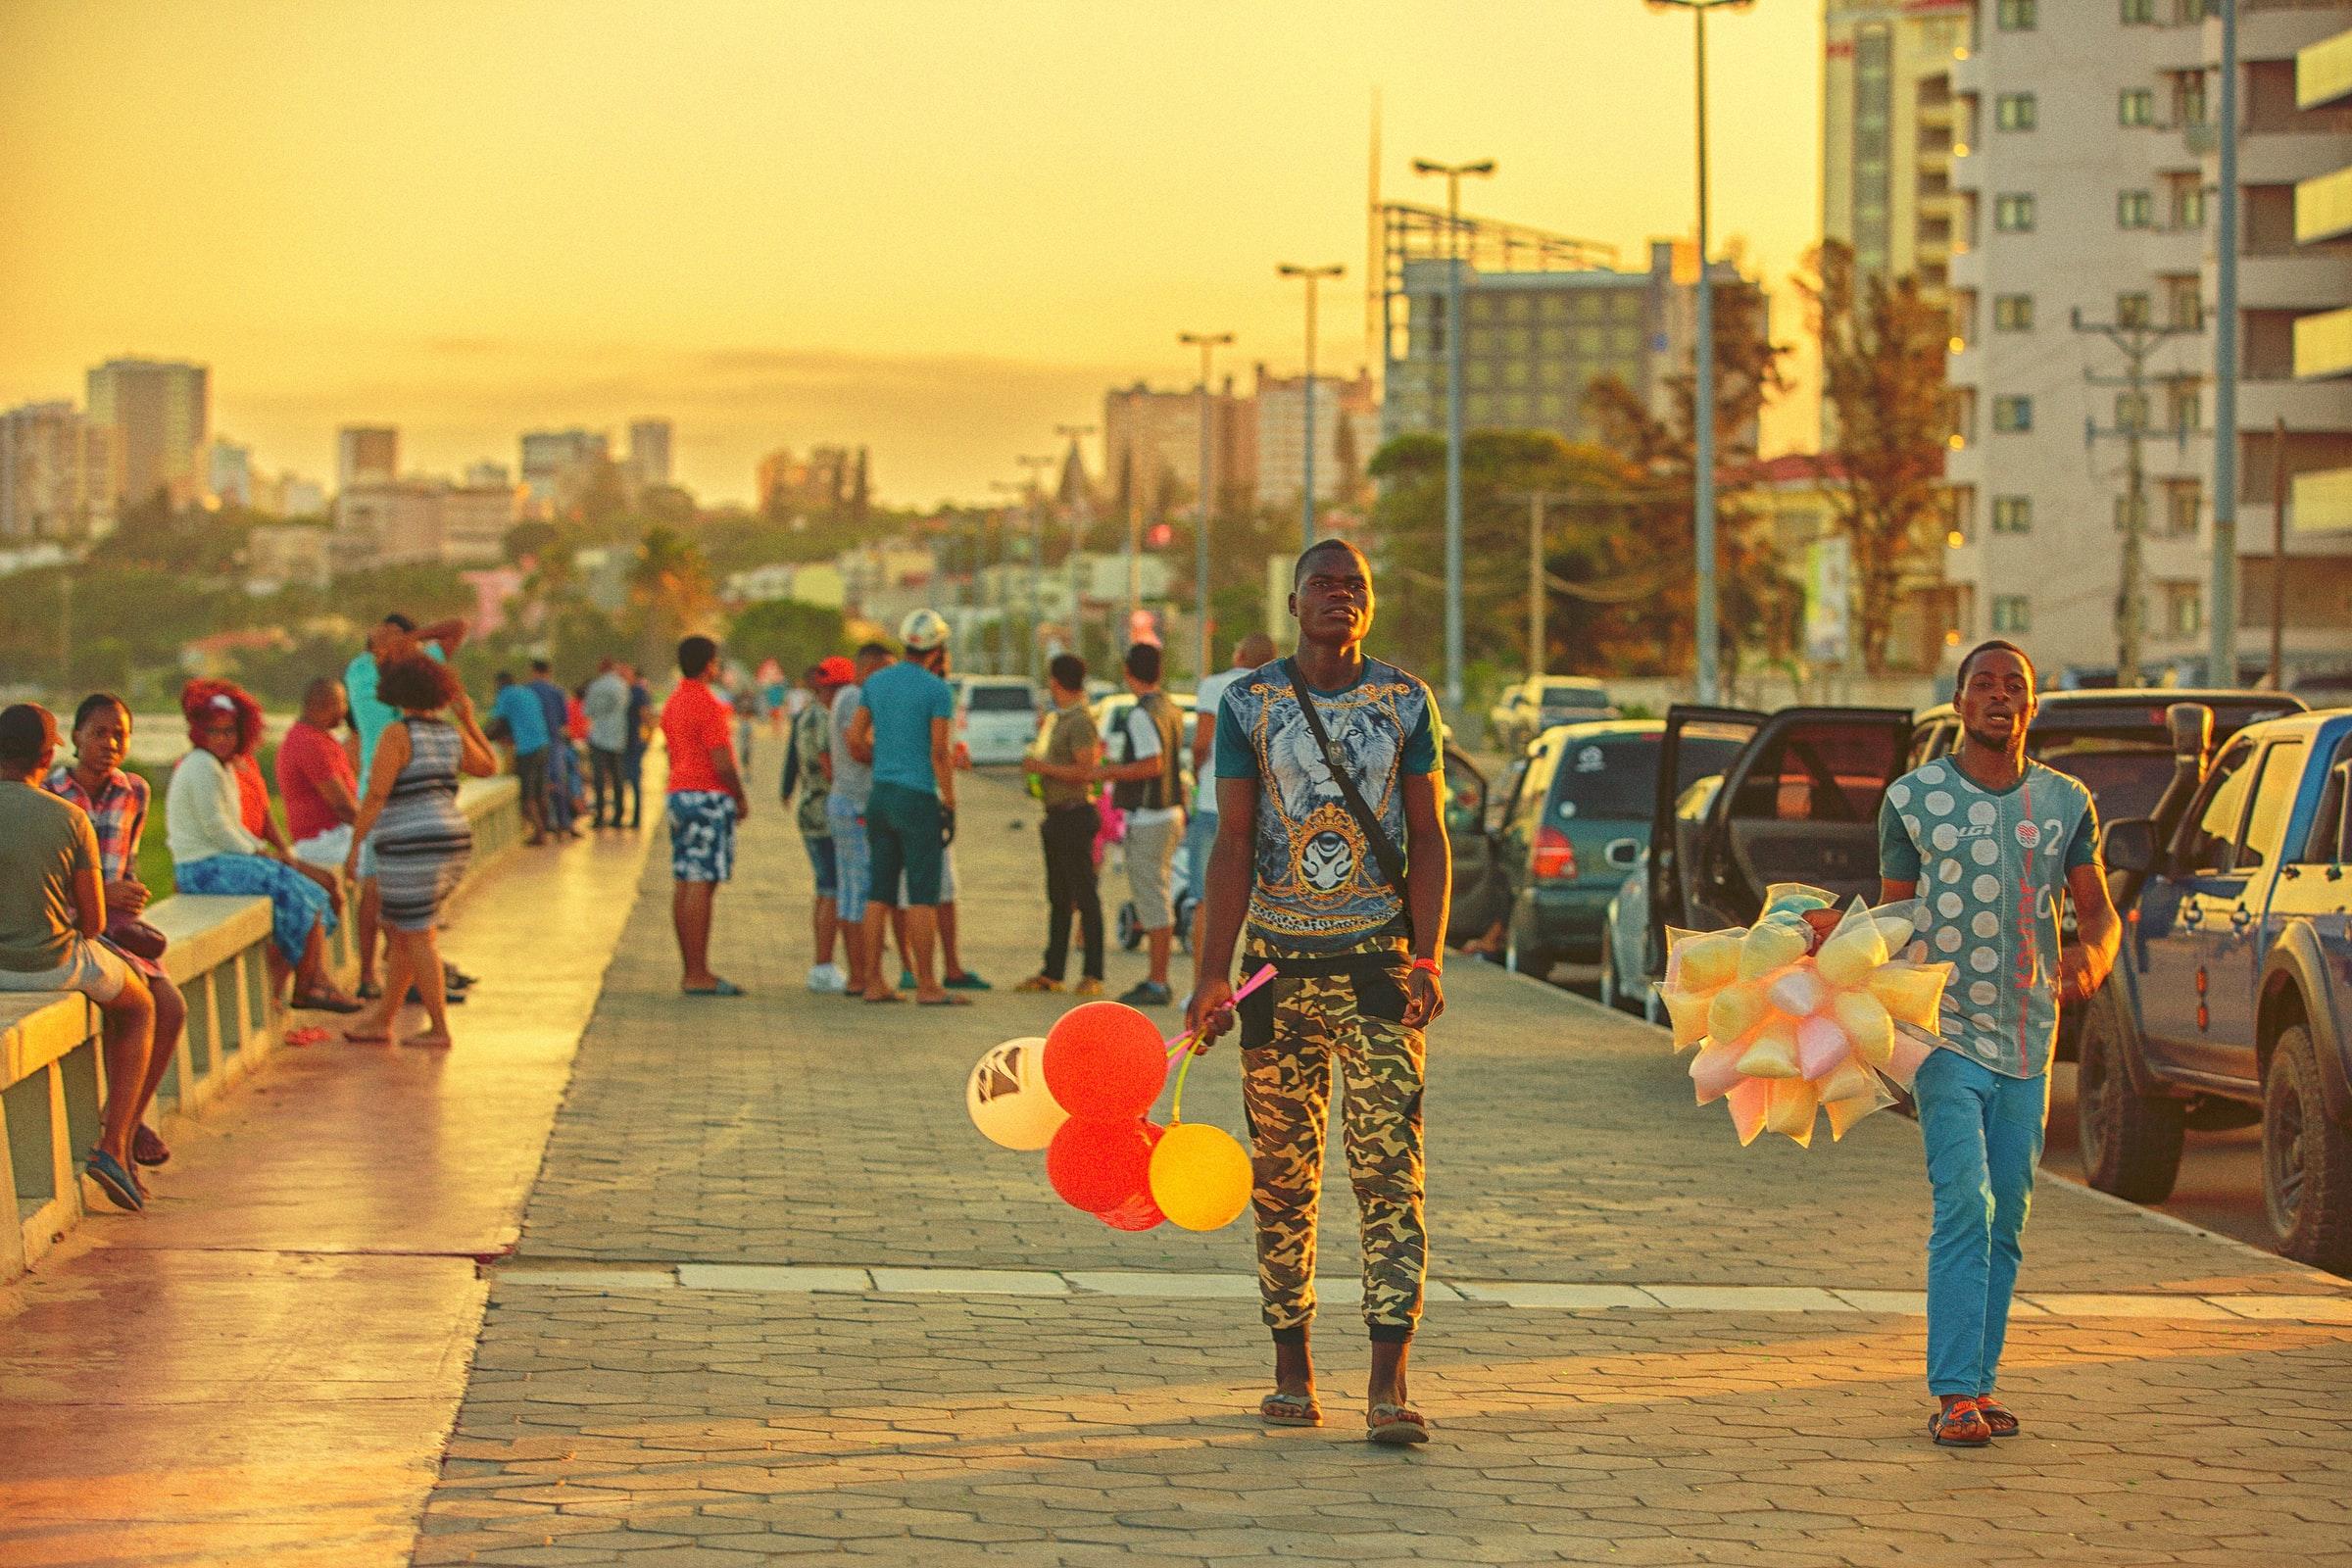 Mozambique, Maputo